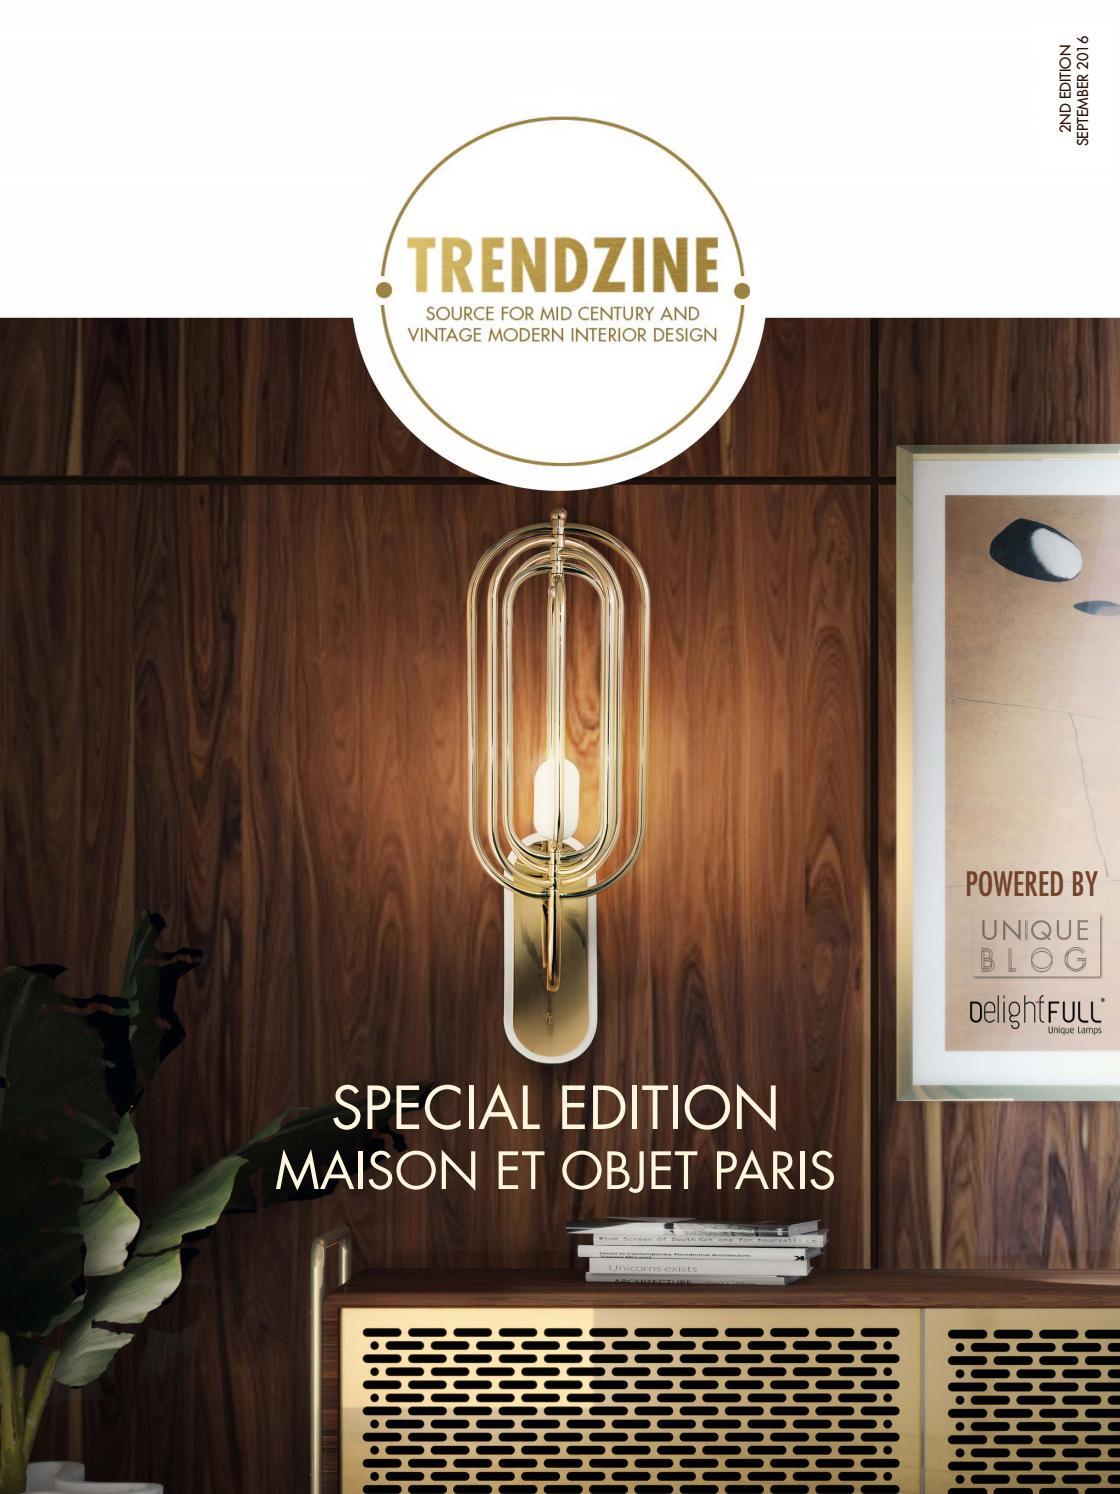 Chesterfield Maison Du Monde trendzine 2nd edition | mid century interiors by delightfull